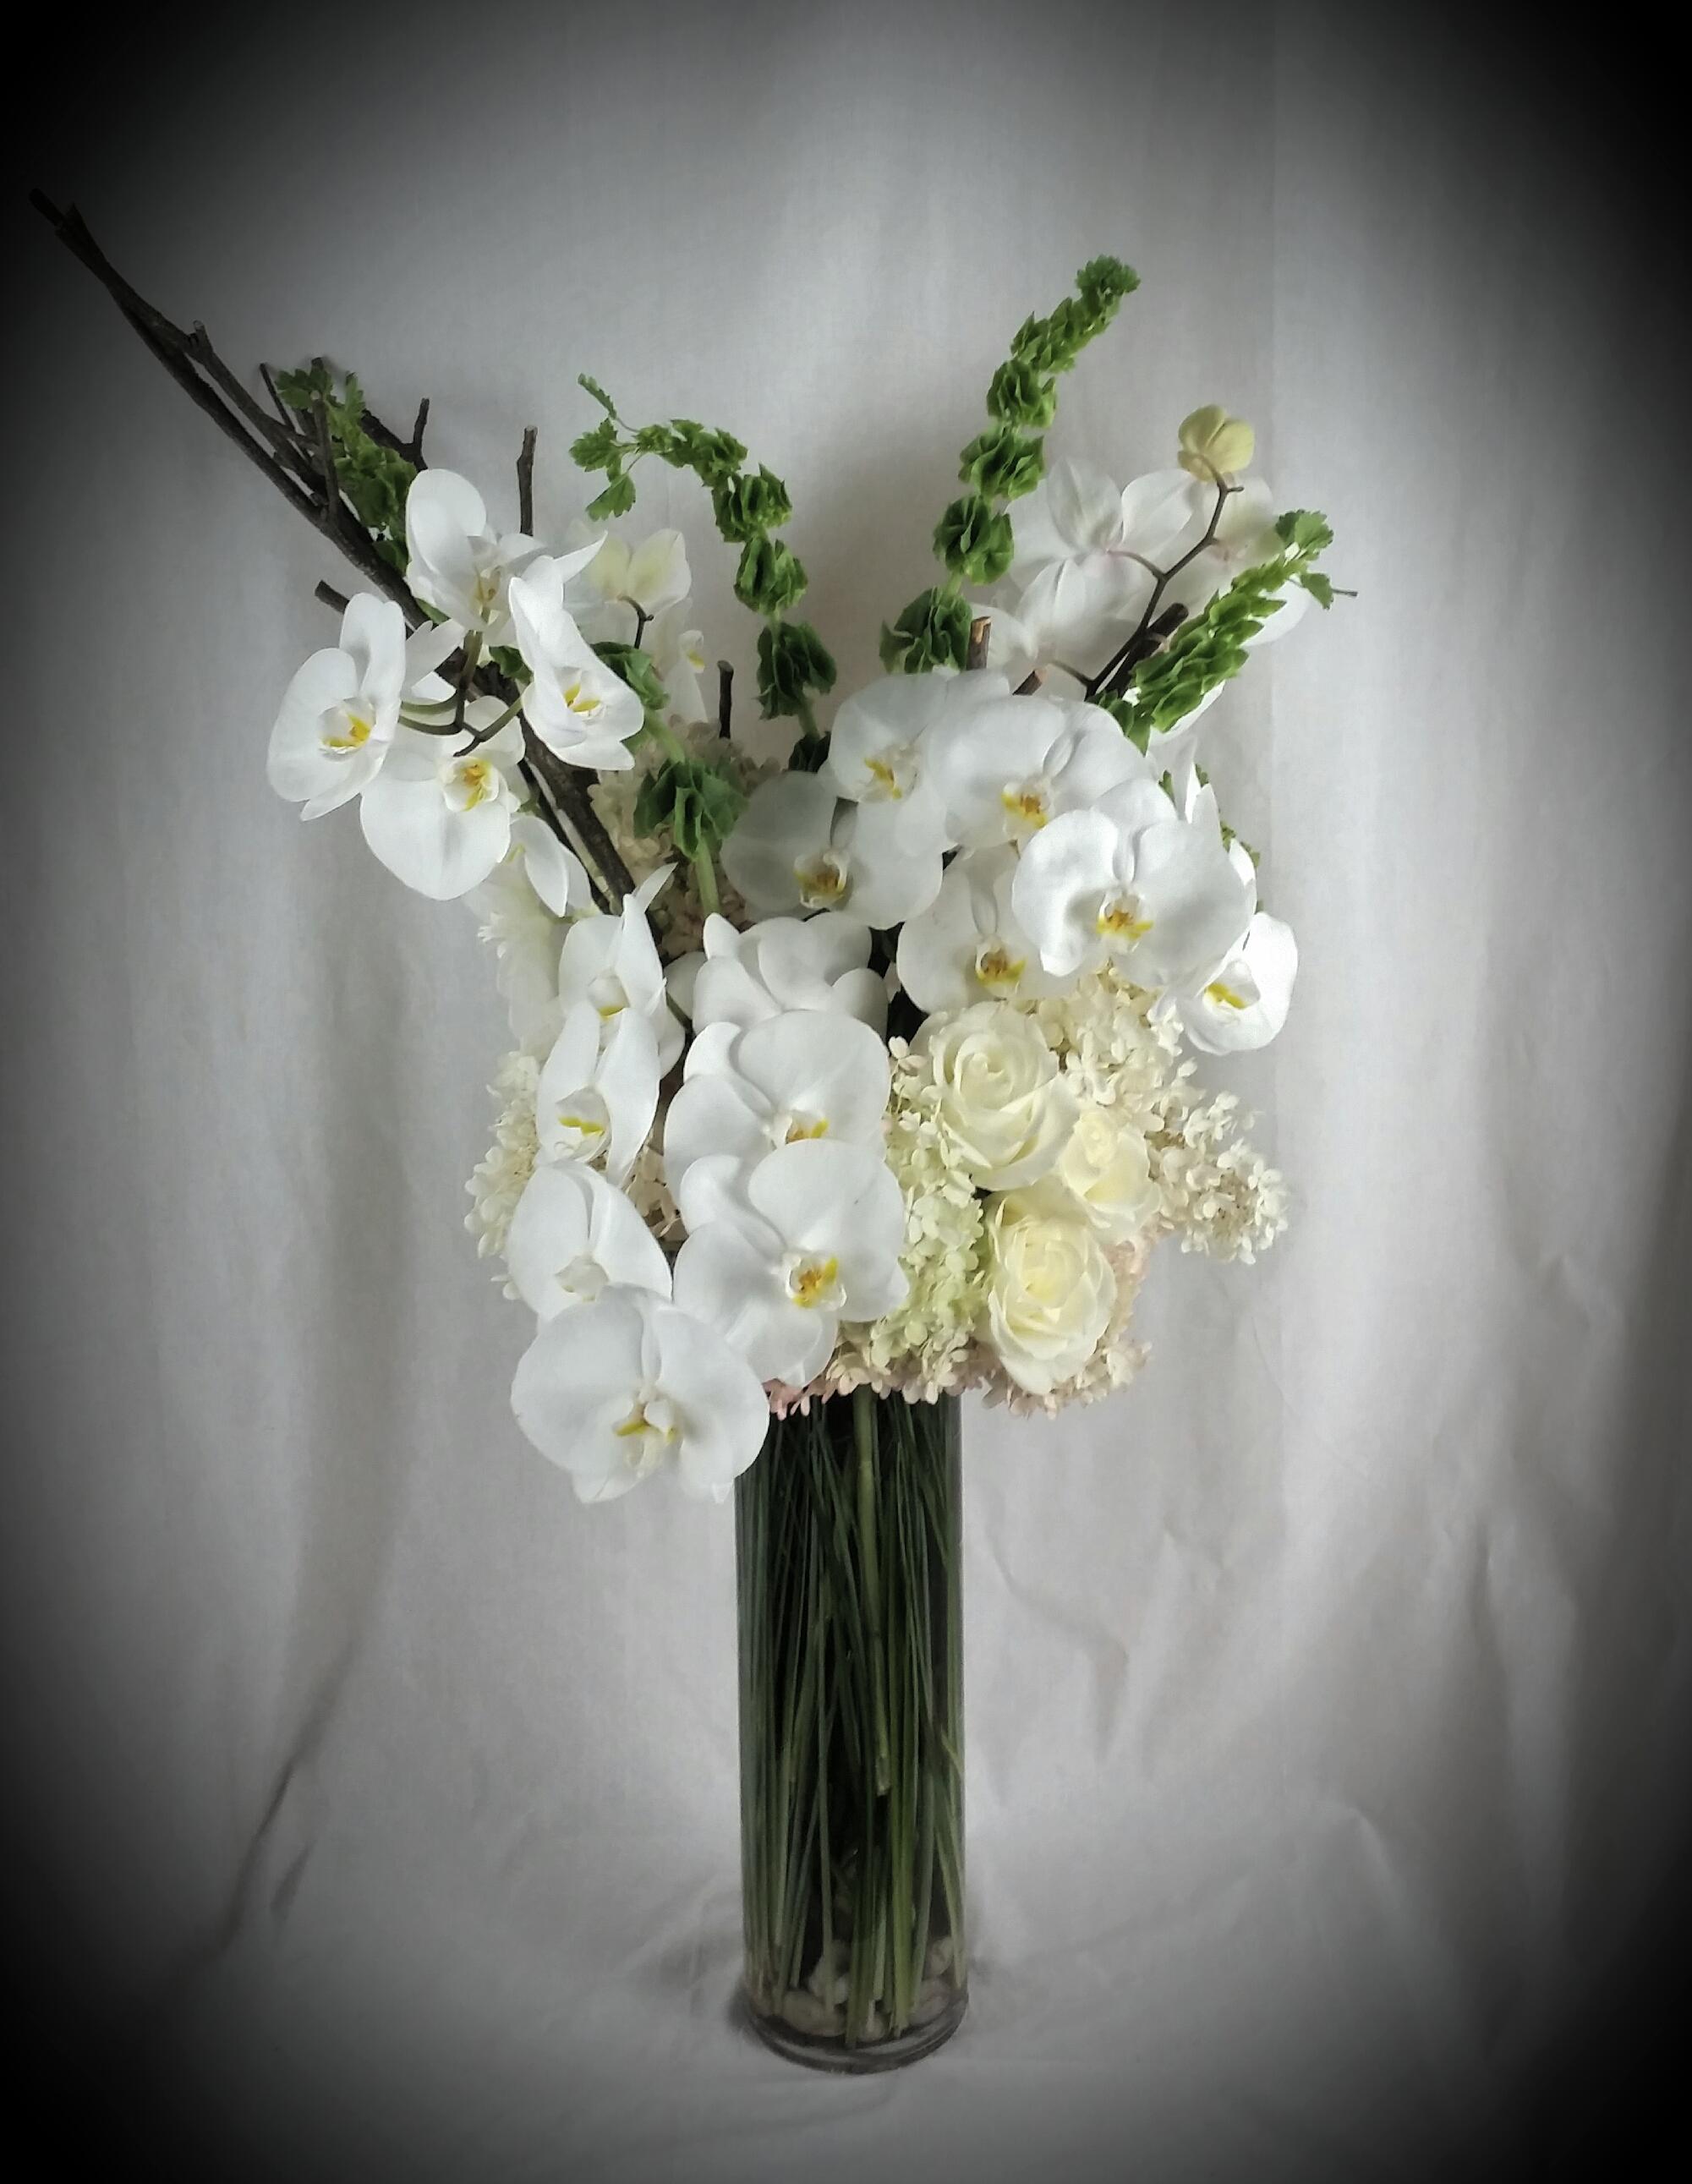 Wholesale Florist - Wholesale Florists | Sequoia Floral Santa Rosa, CA